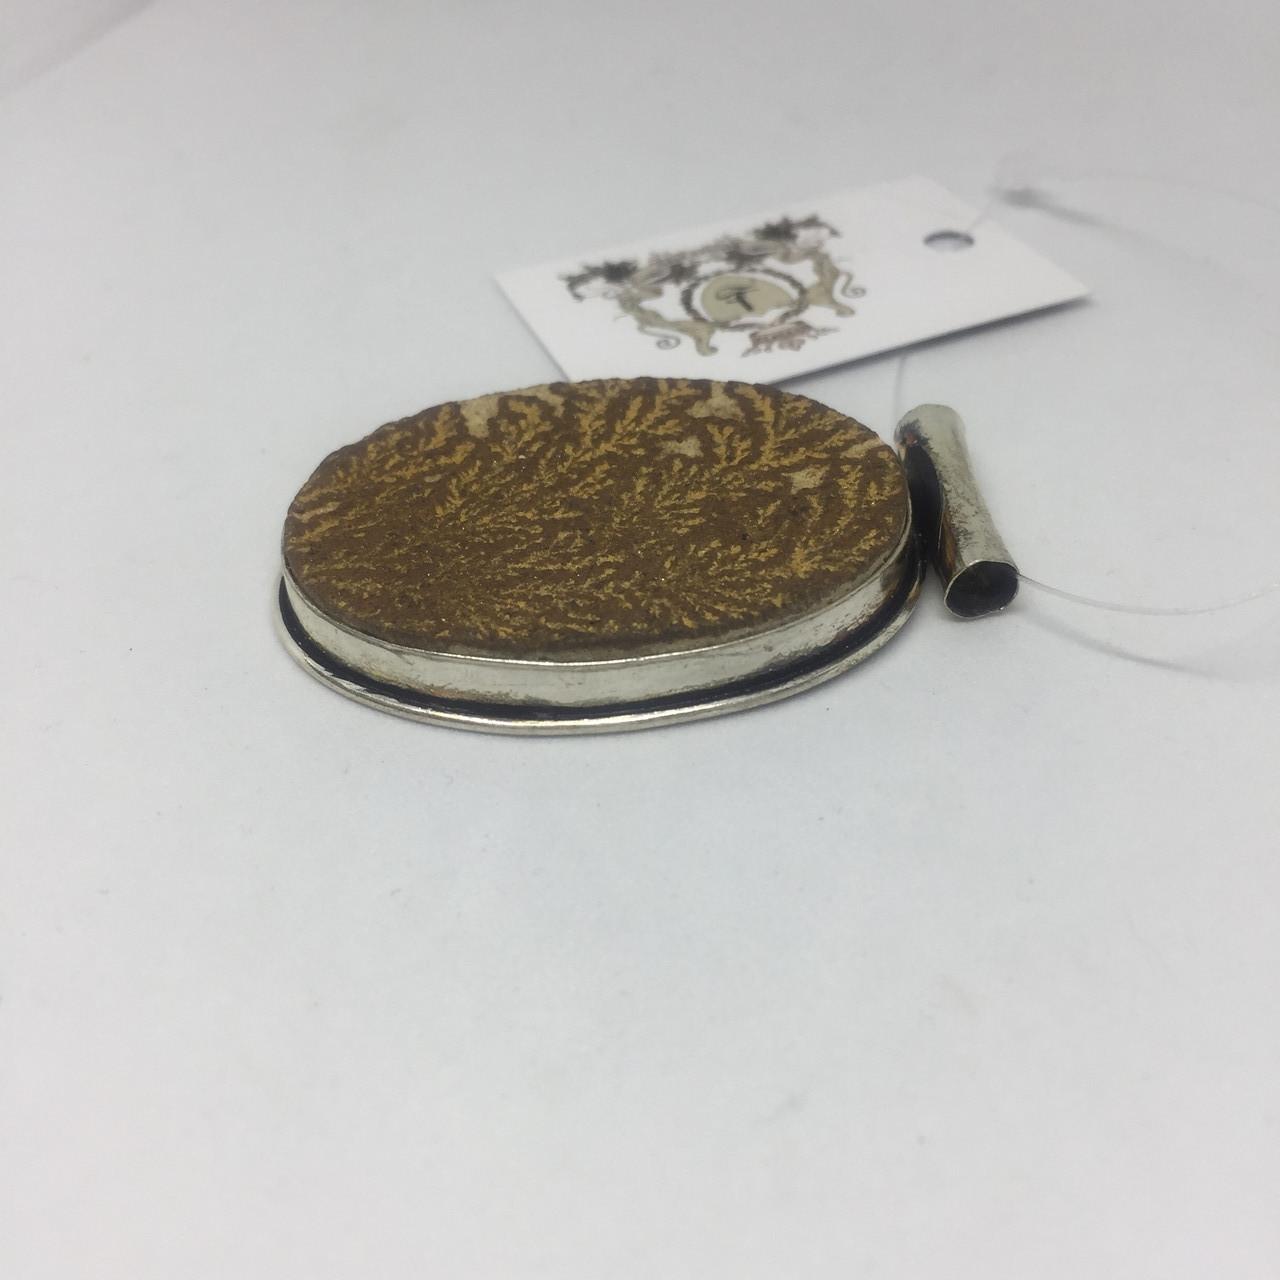 Дендрит немецкий псиломелан кулон с псиломеланом в серебре Индия